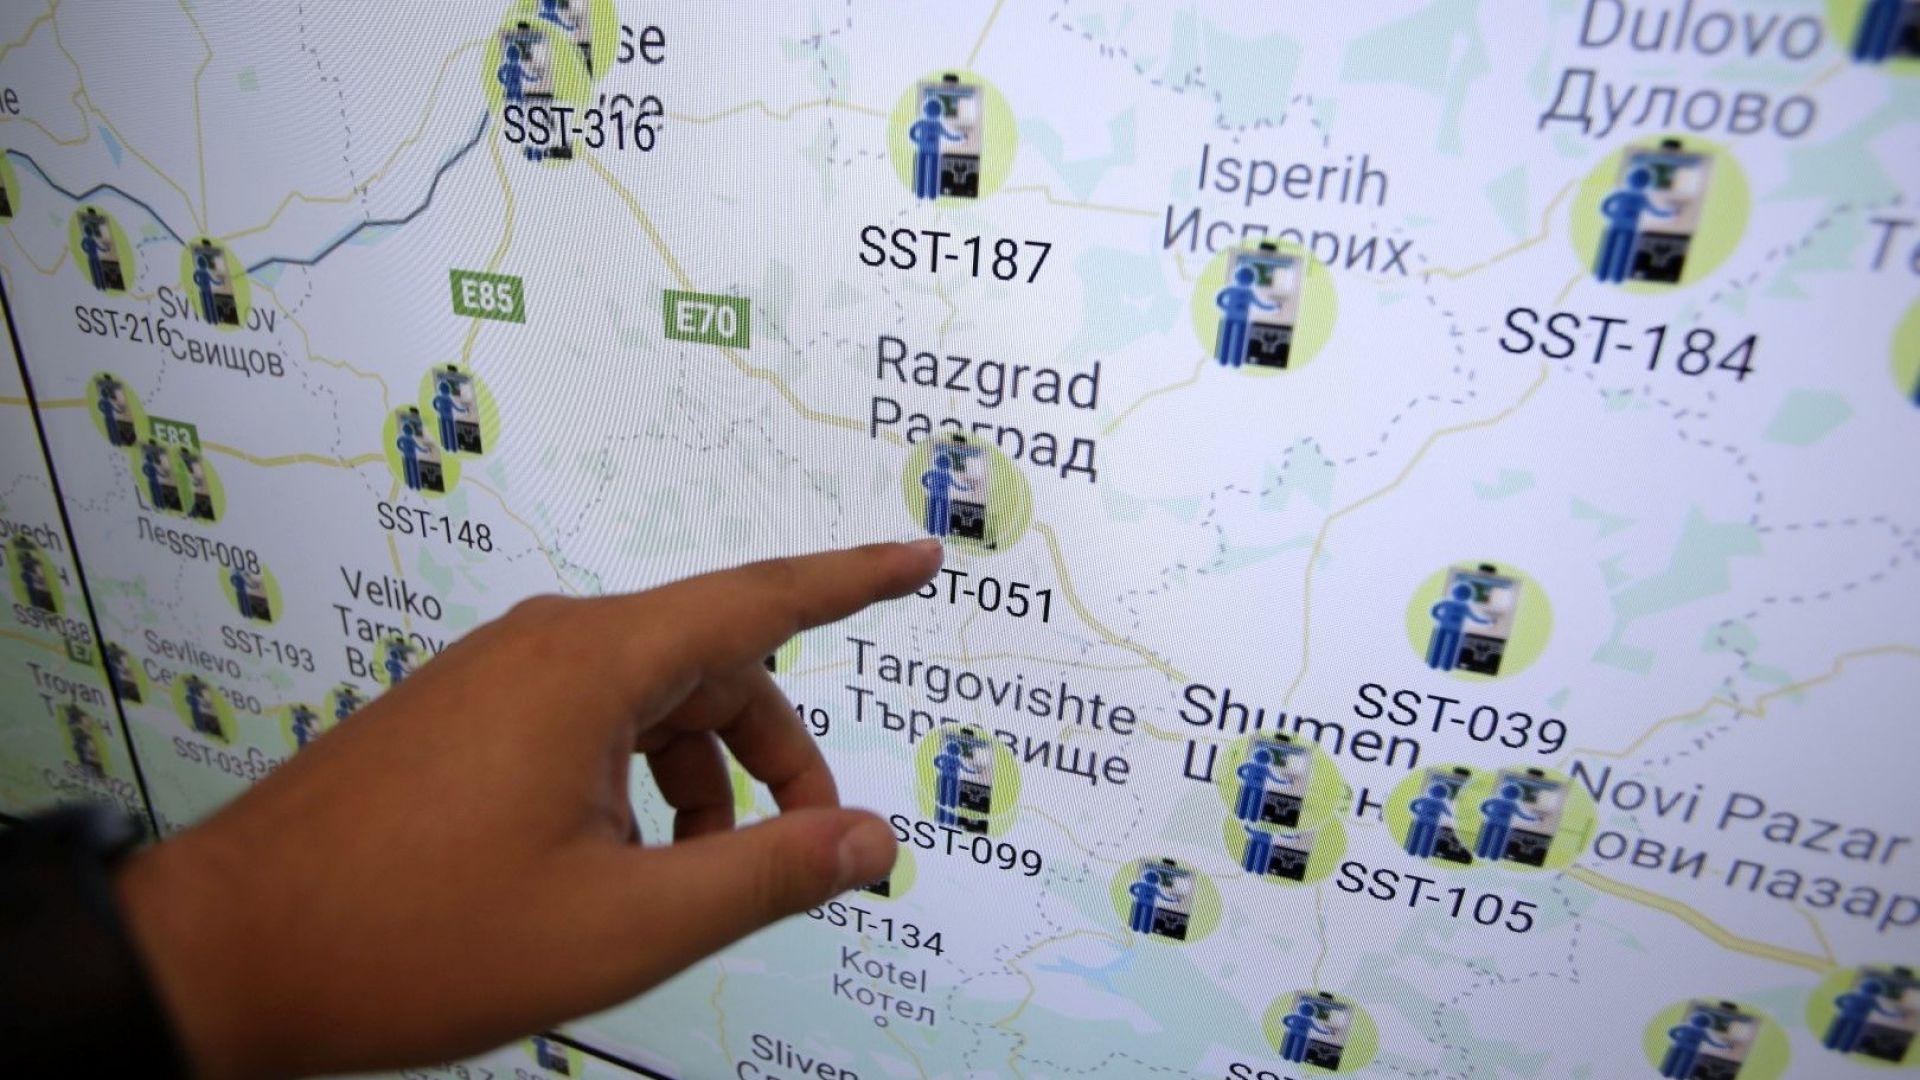 Държавата очаква до 600 млн. лв. от пътни такси през първата година след въвеждане на тол системата